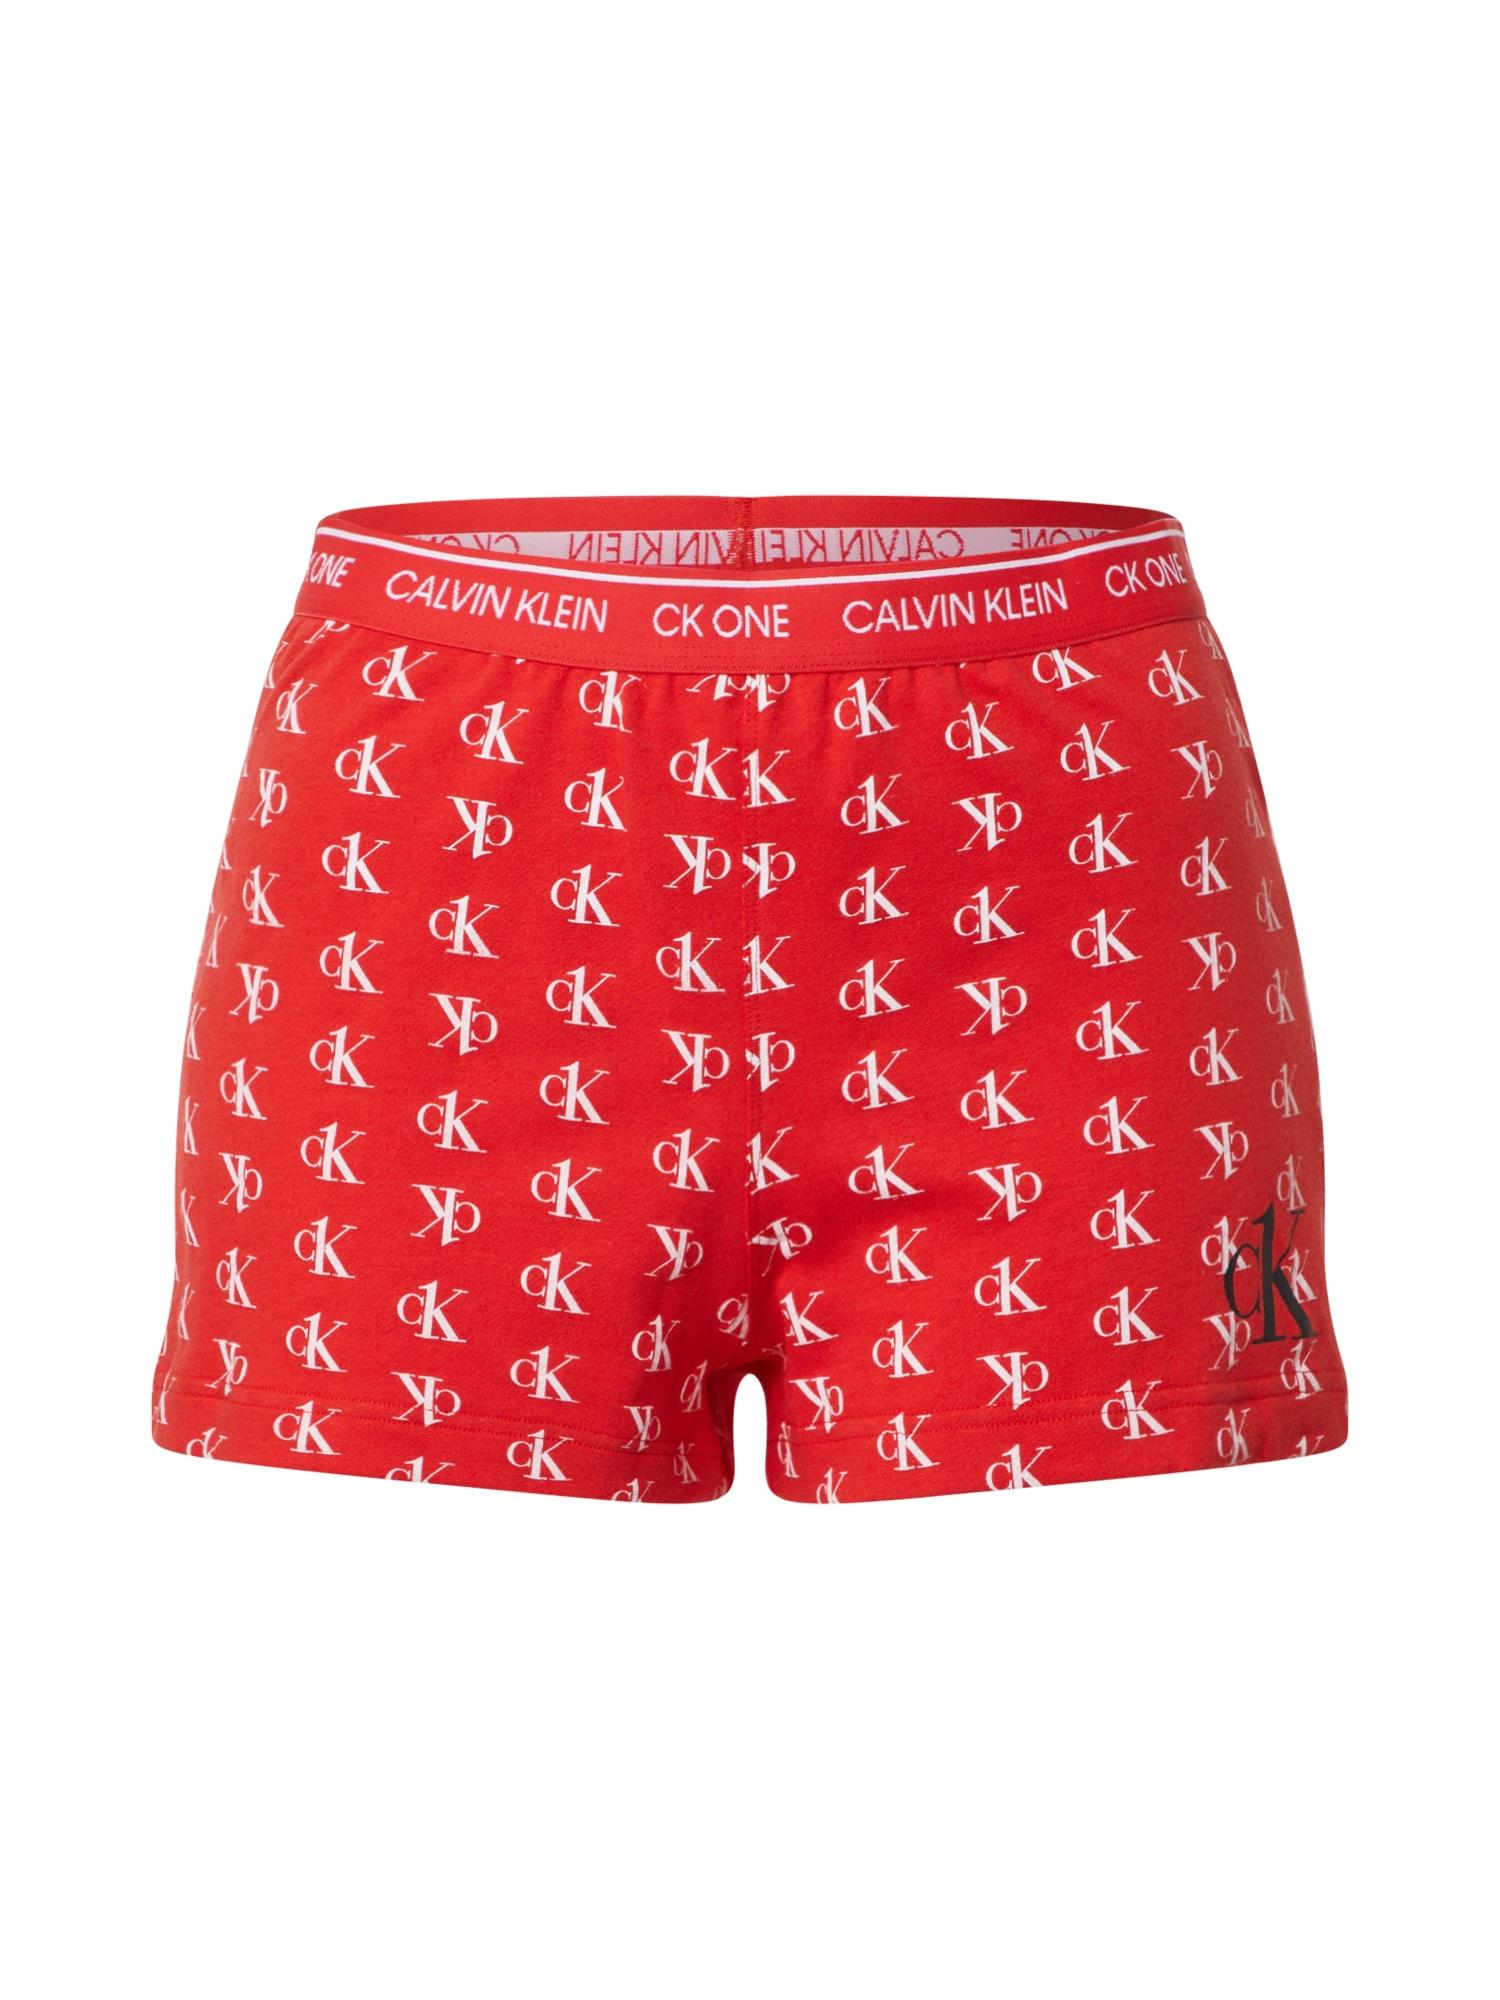 Calvin Klein Underwear Pižaminės kelnės raudona